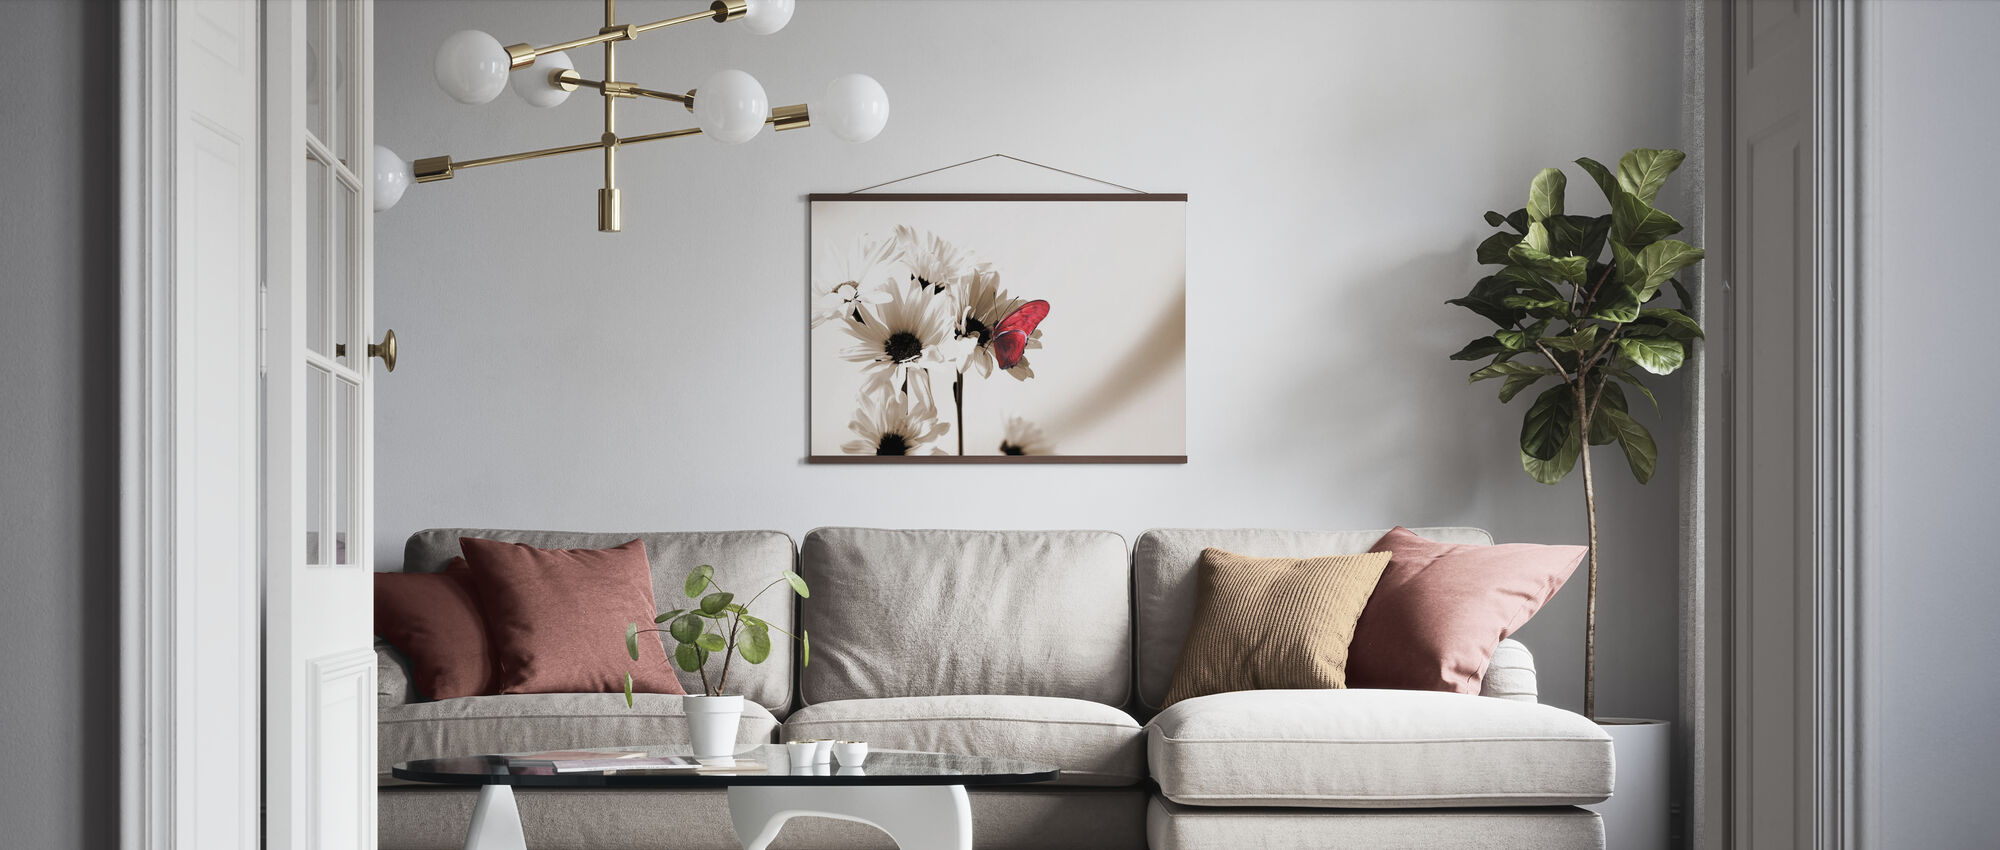 Julia Schmetterling - Deep Red - Poster - Wohnzimmer